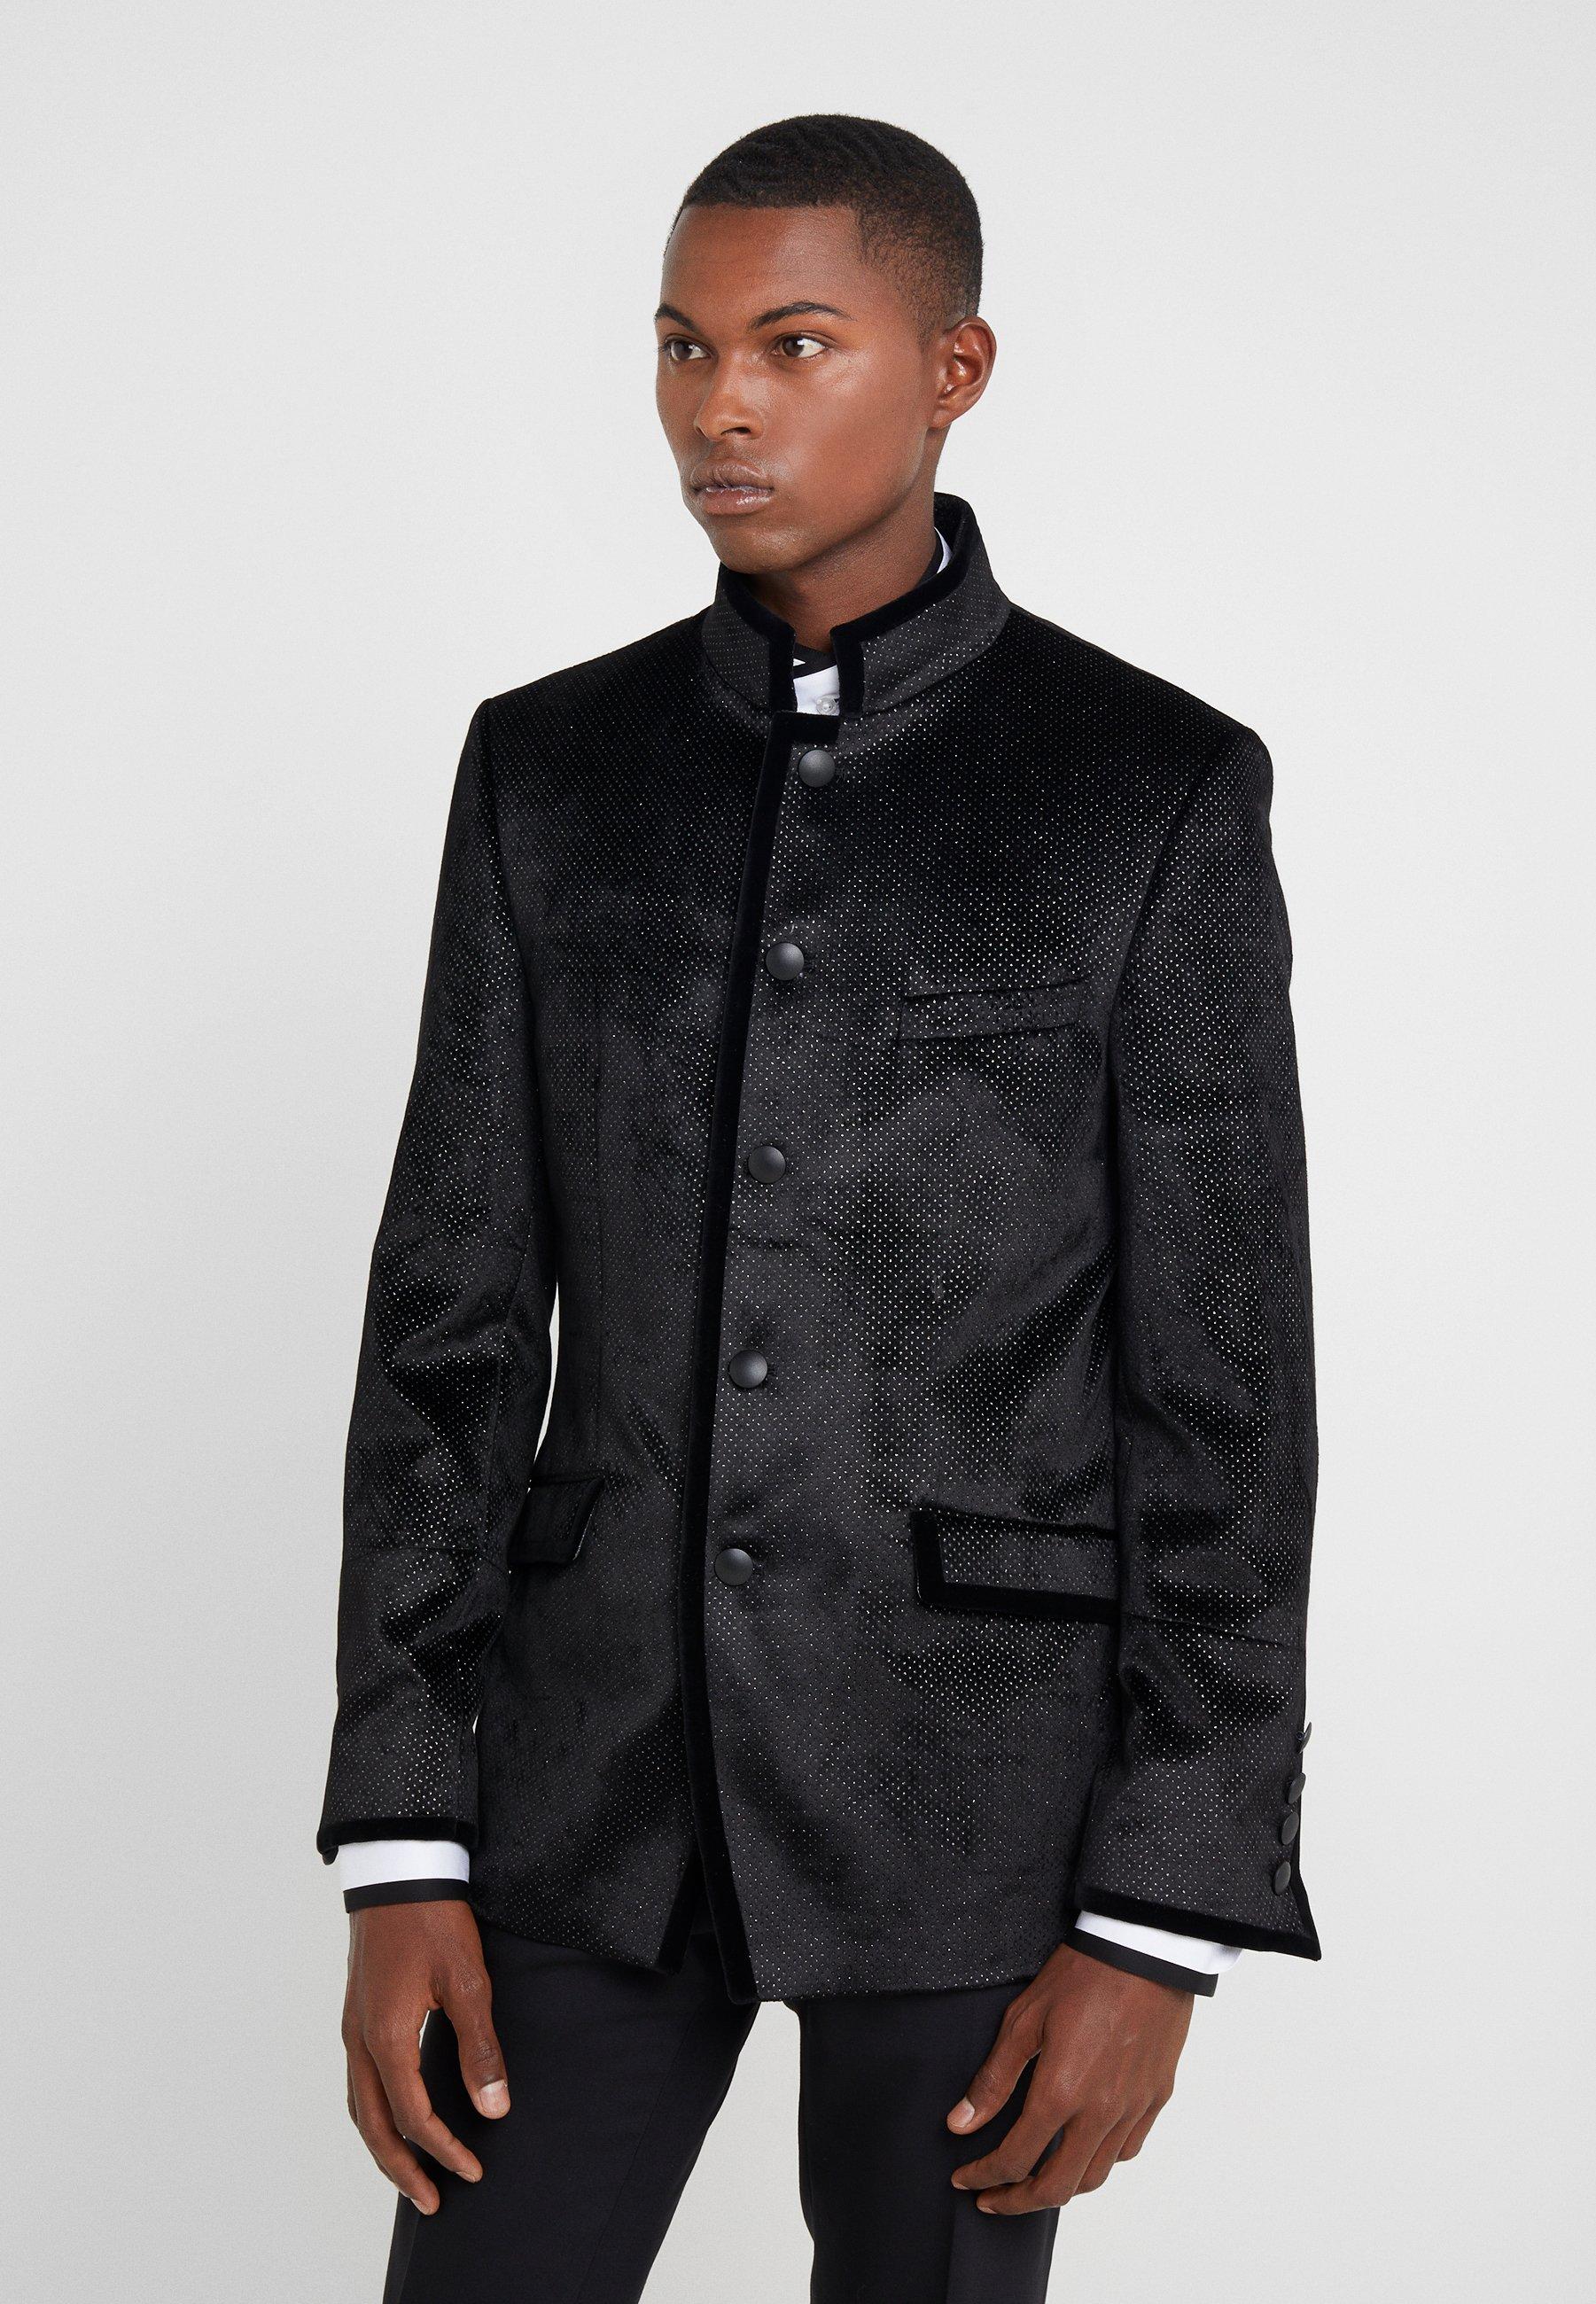 Jacket Black Lagerfeld GloryBlazer Karl IyvY7fgb6